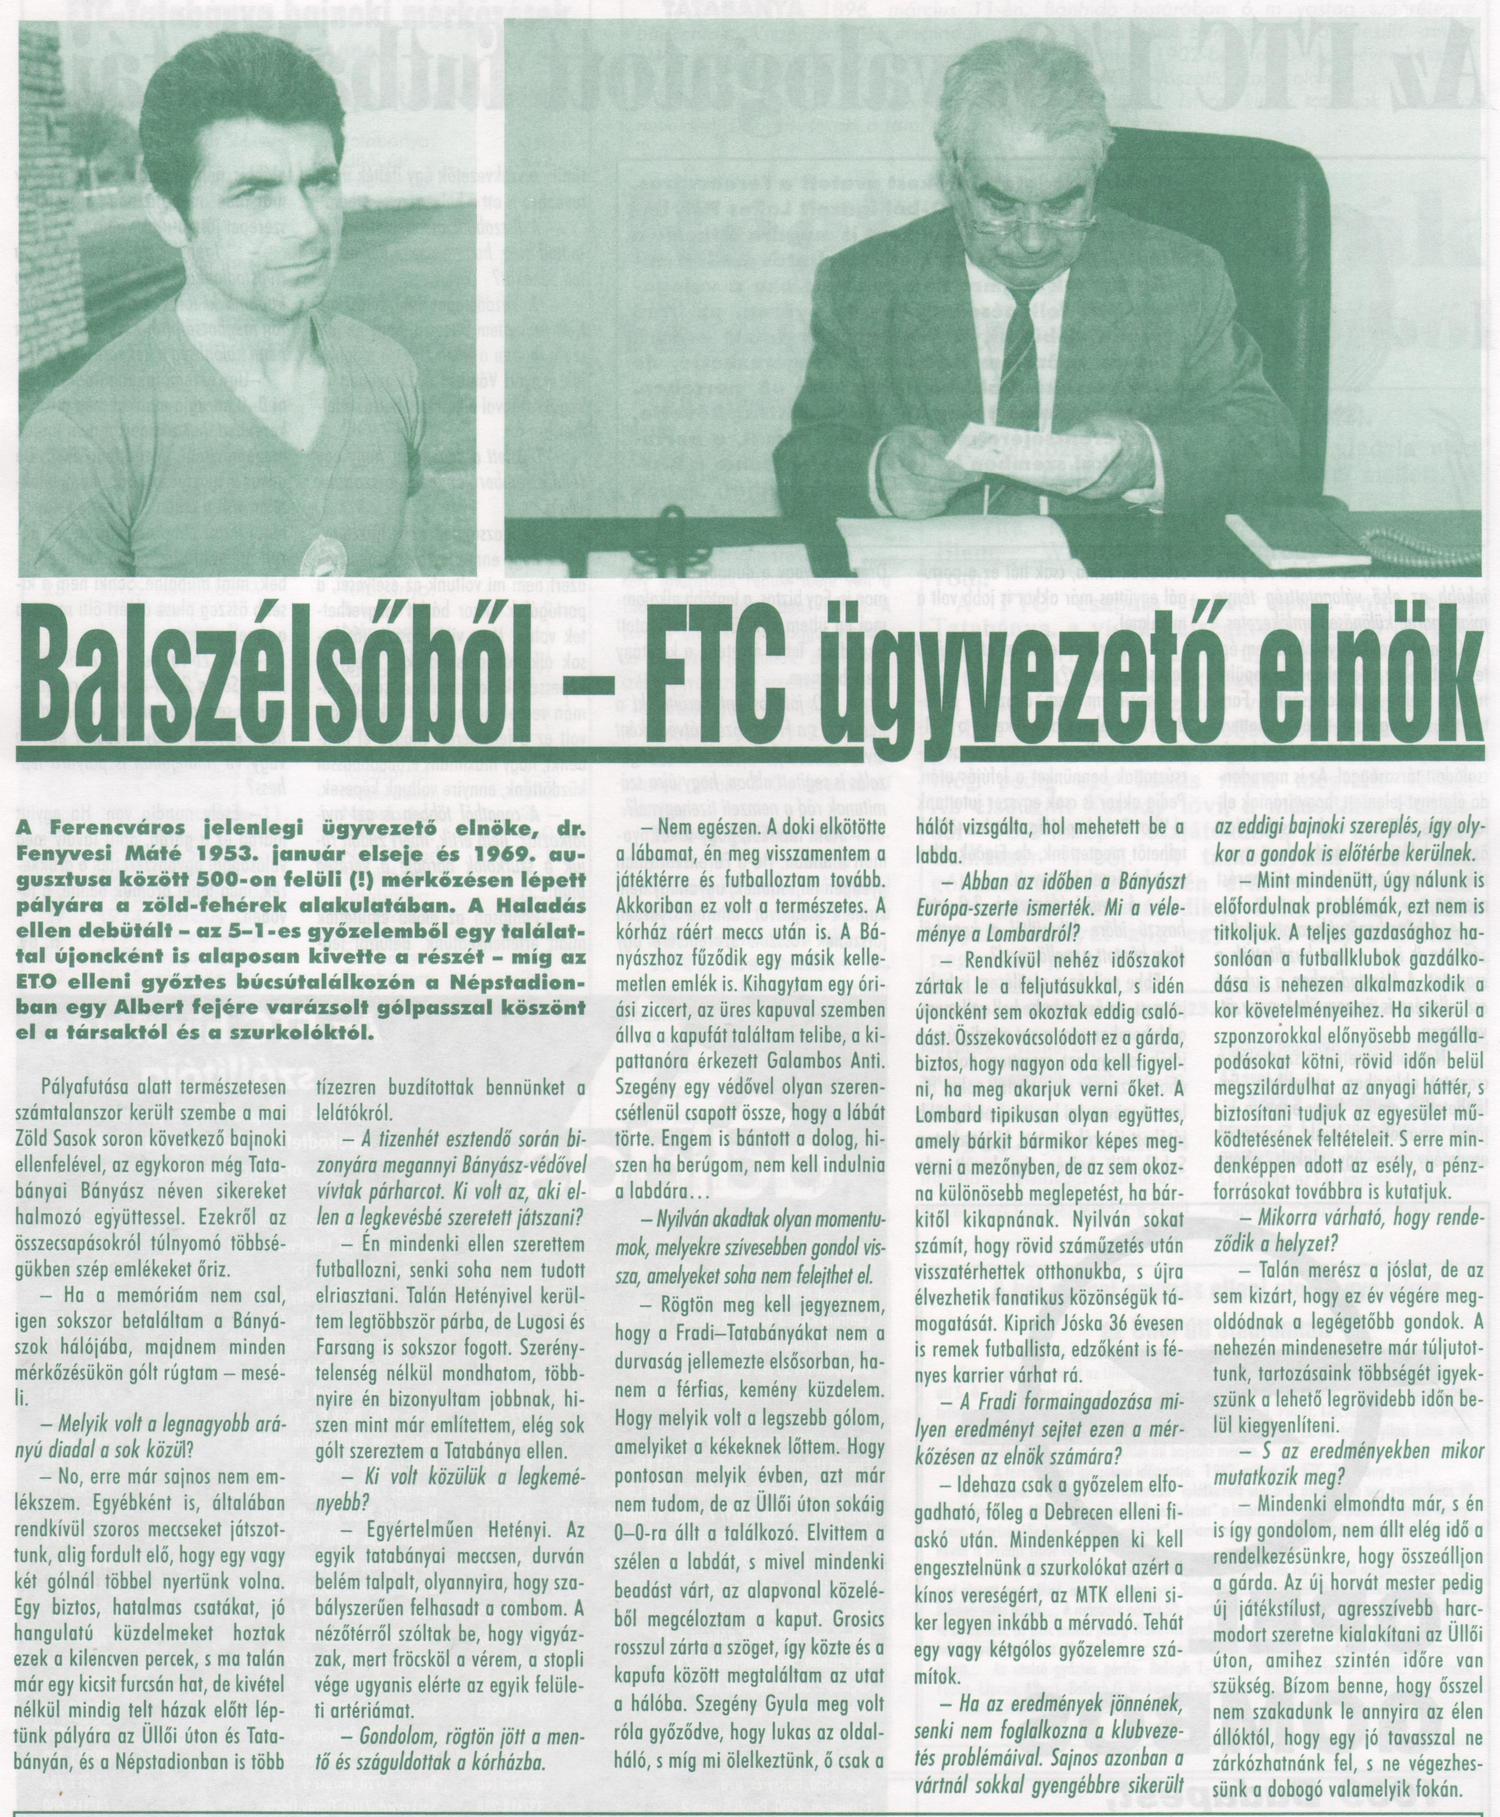 TFU_19991030_FCU_024 - 0004